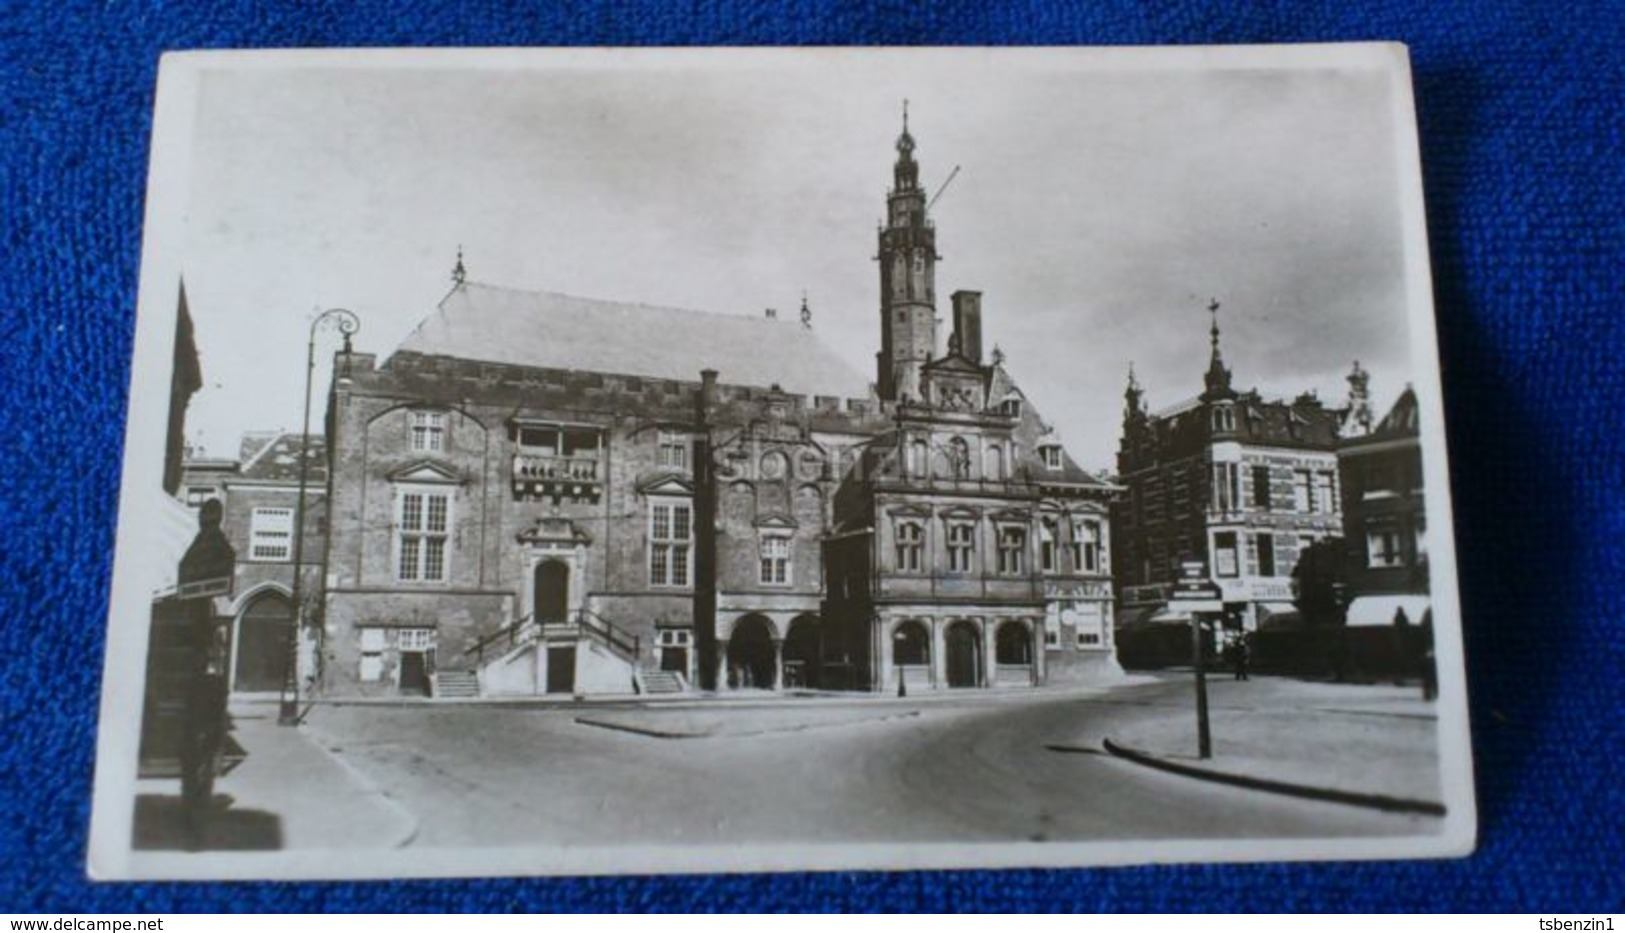 Haarlem Stadhuis Netherlands - Haarlem